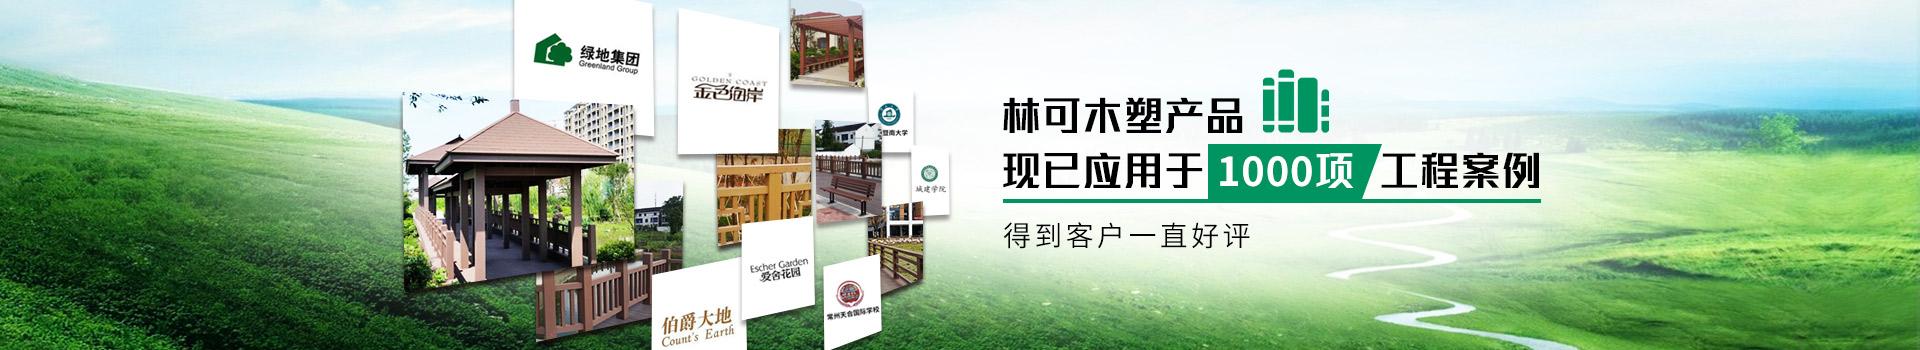 林可木塑产品现已应用于1000多项工程案例,得到客户一直好评